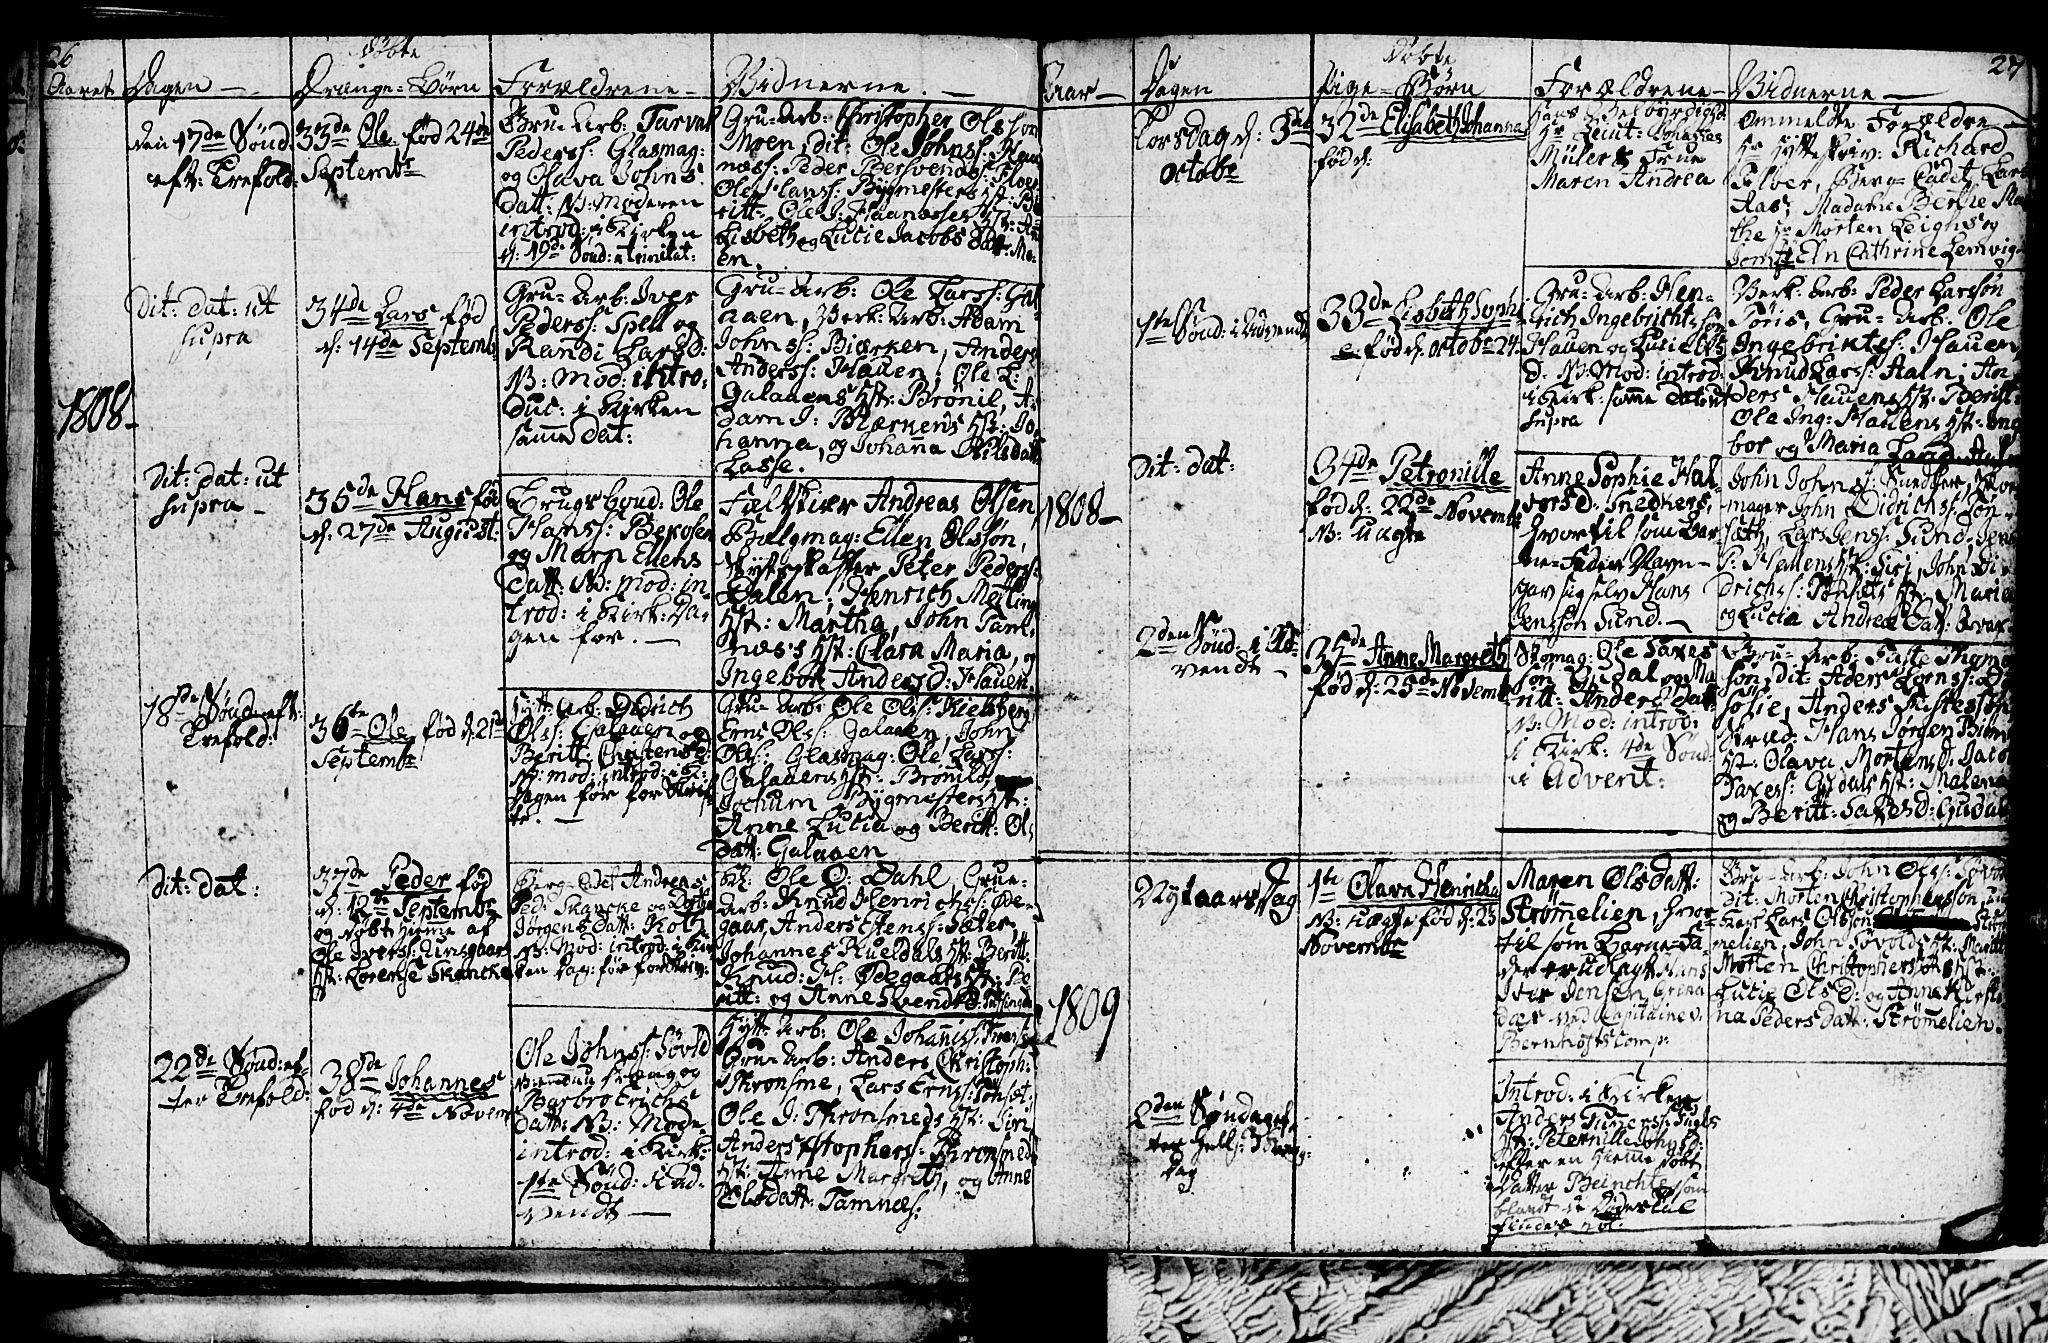 SAT, Ministerialprotokoller, klokkerbøker og fødselsregistre - Sør-Trøndelag, 681/L0937: Klokkerbok nr. 681C01, 1798-1810, s. 26-27